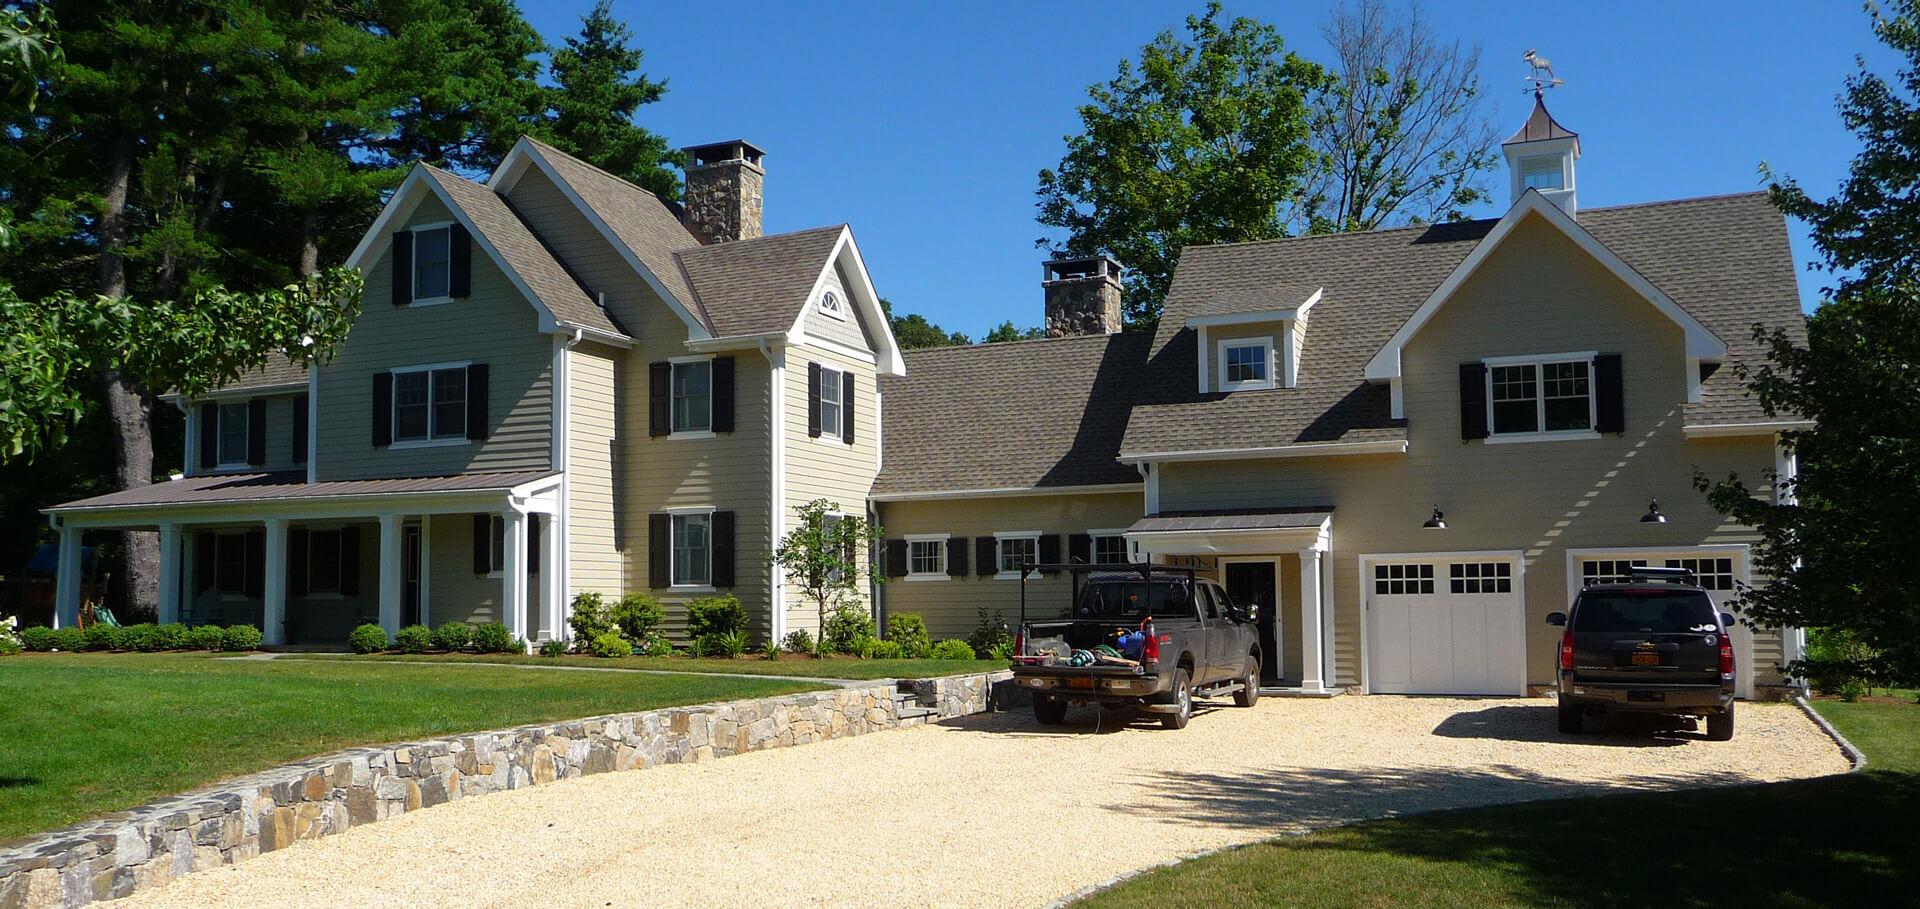 Maine Home Design Marschke Eco Design Group Elm